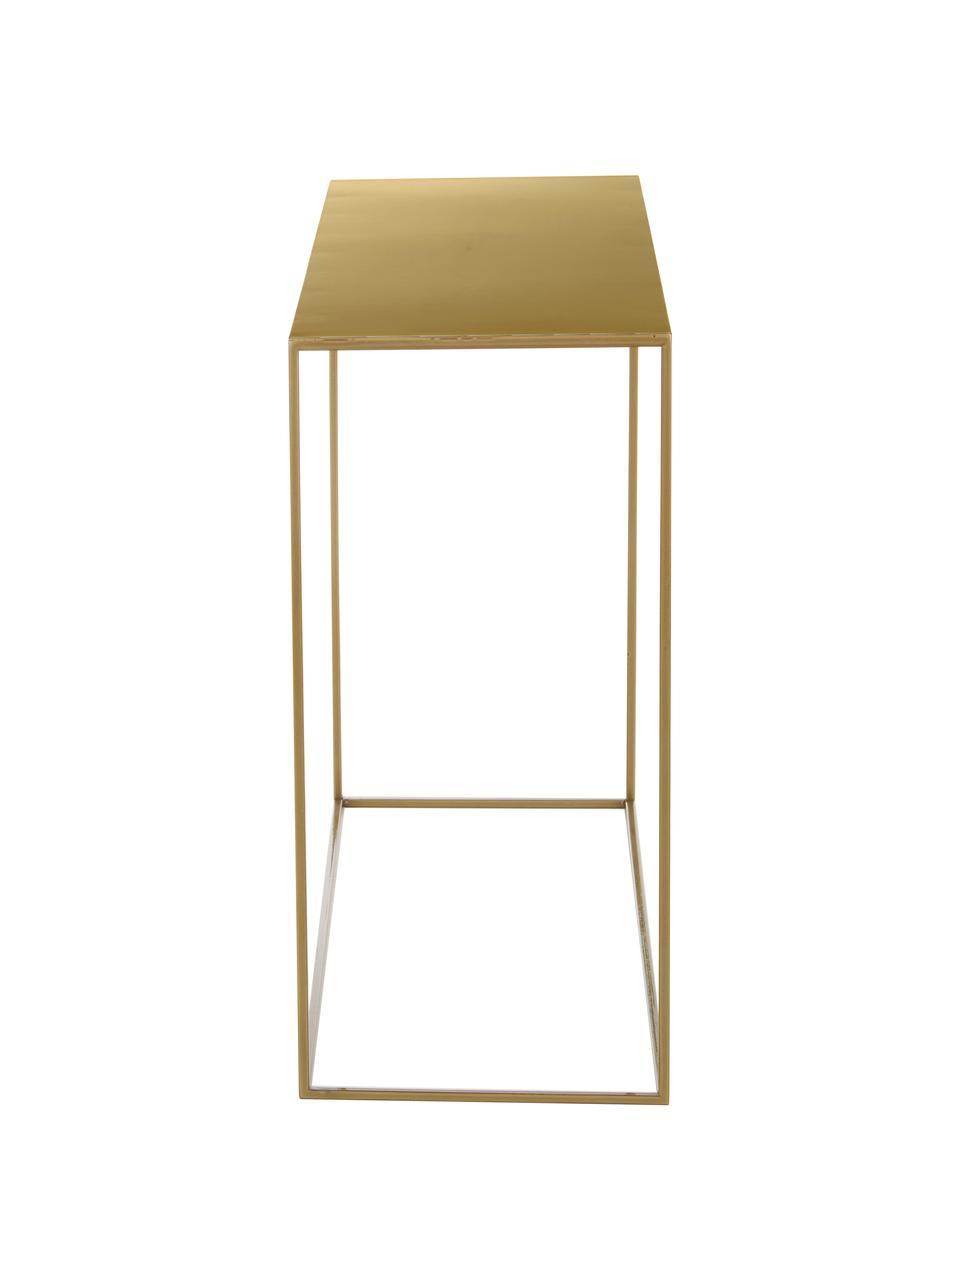 Consolle in metallo ottonato Tensio, Metallo verniciato a polvere, Nero, Larg. 100 x Prof. 35 cm